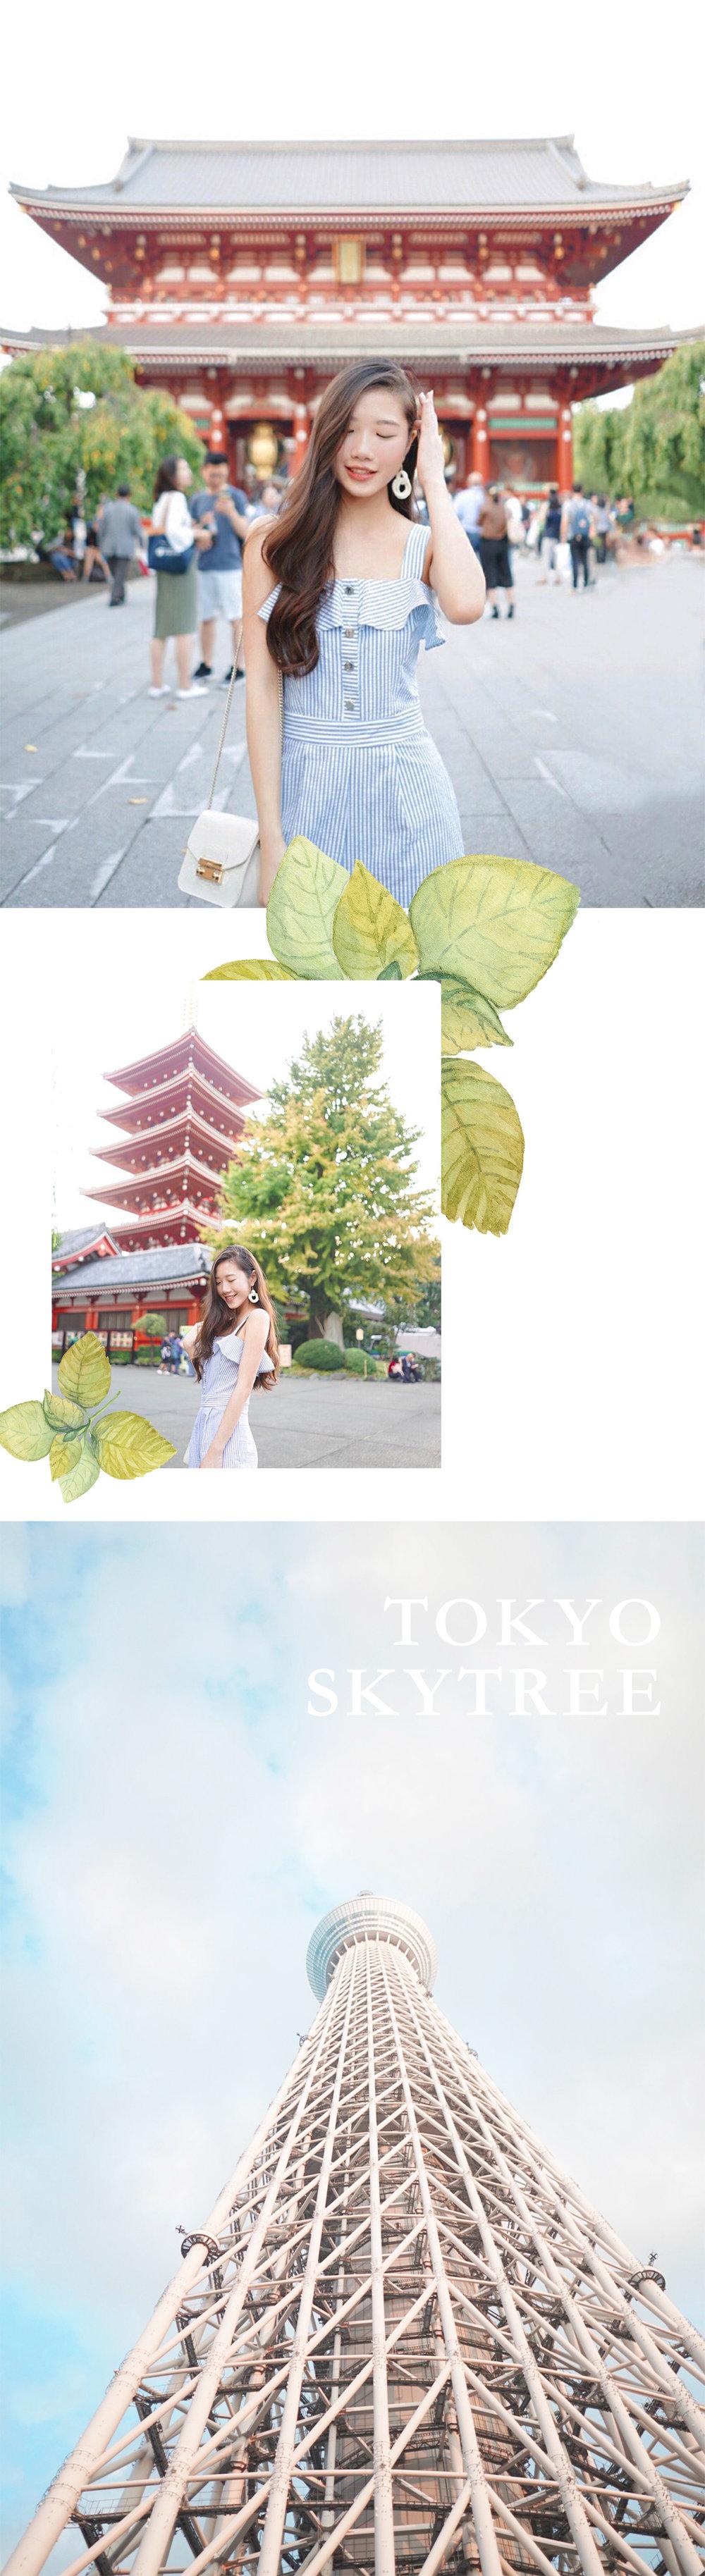 tokyo8.jpg